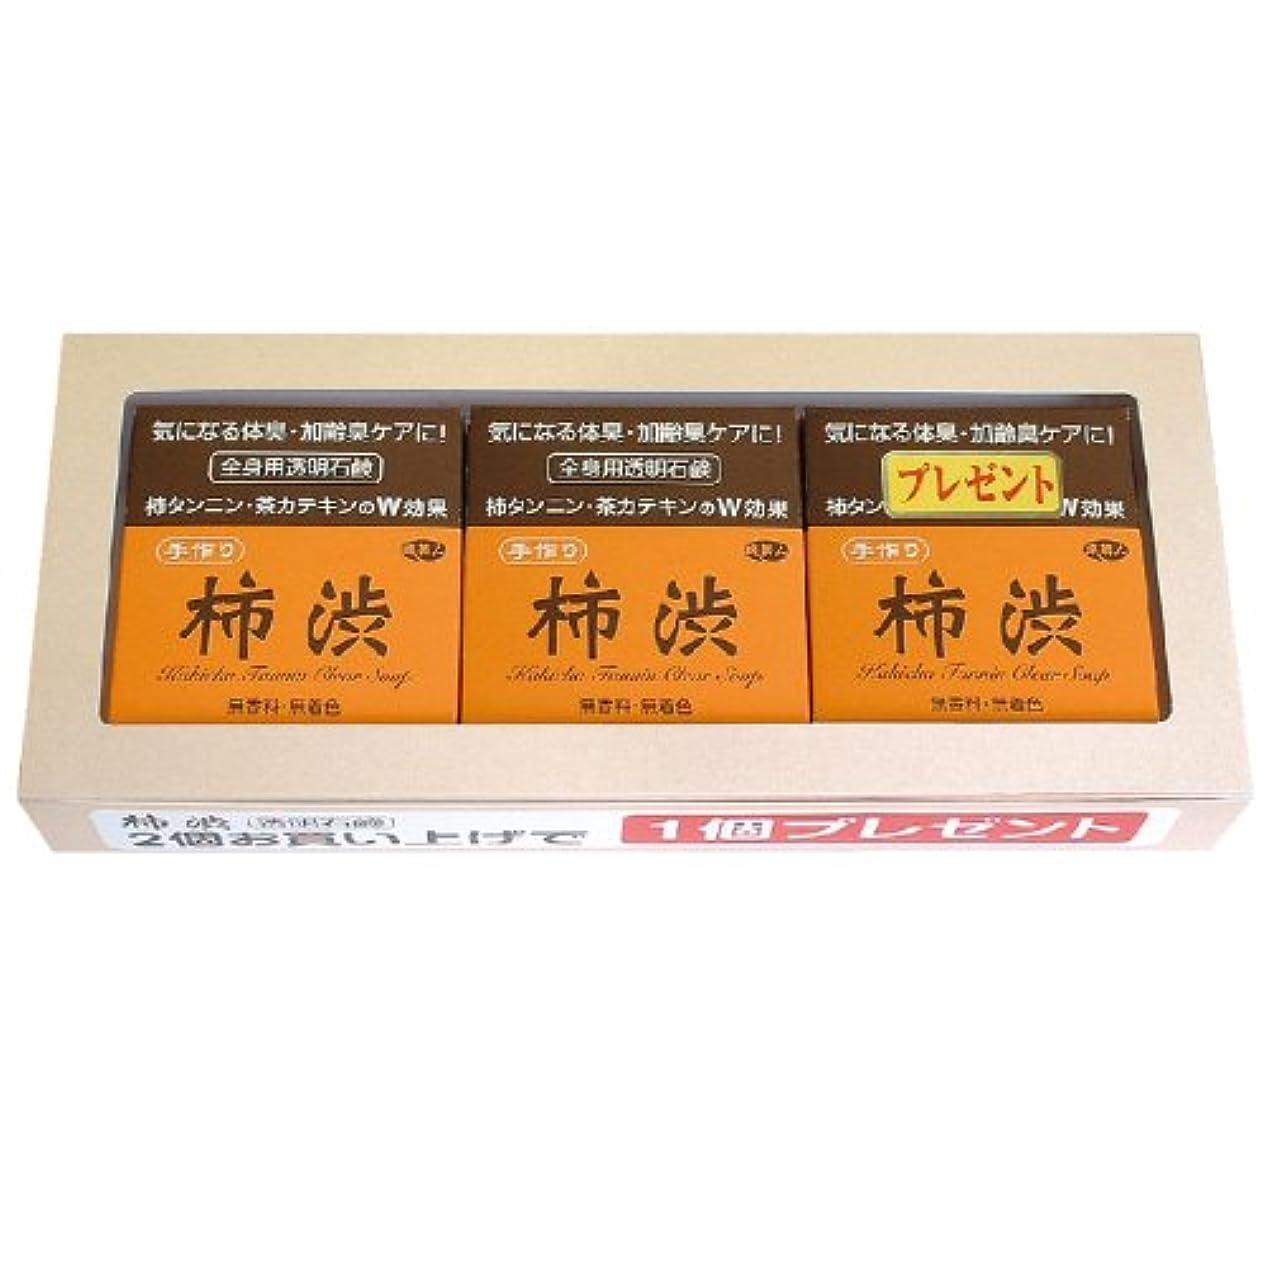 刃アナロジーレッスンアズマ商事の 柿渋透明石鹸 2個の値段で3個入りセット